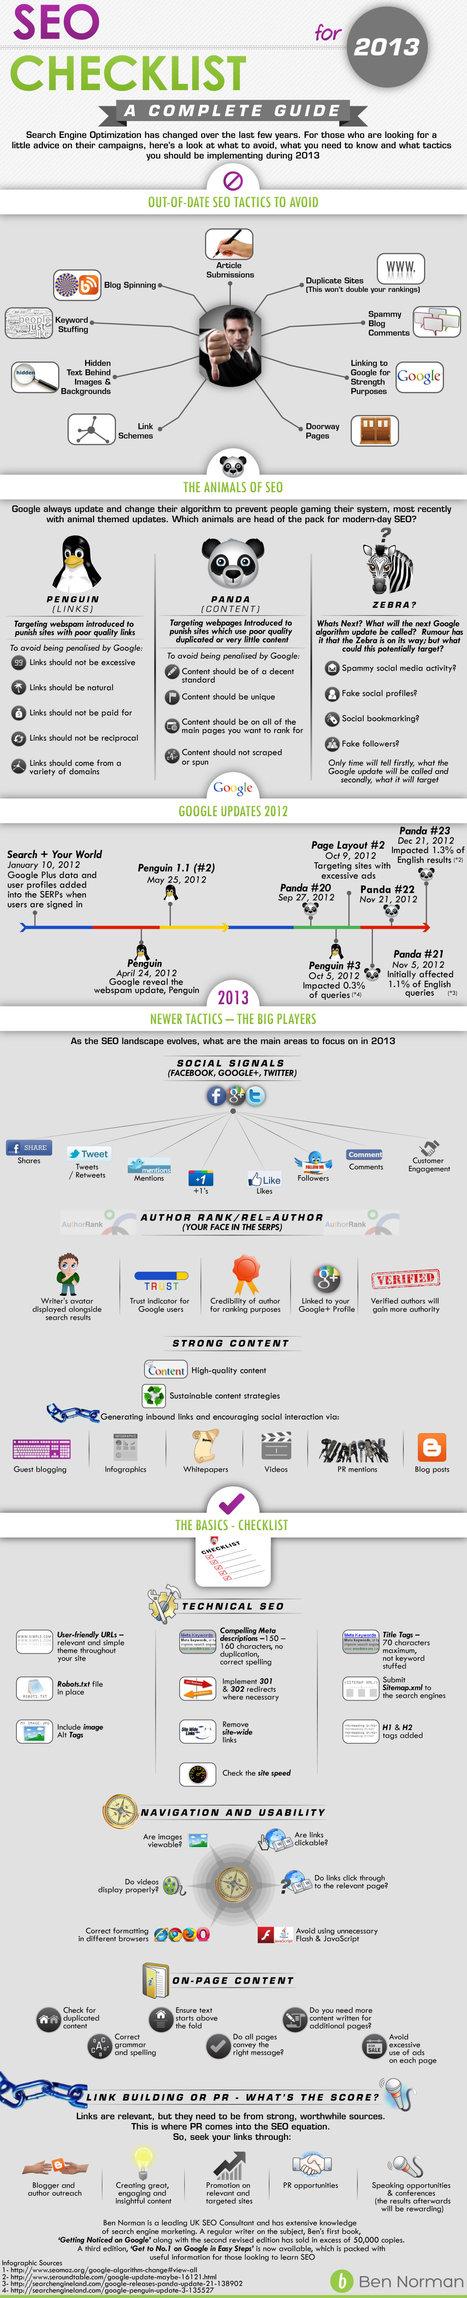 Infographie : Checklist SEO 2013 - Actualité Abondance | Curation SEO & SEA | Scoop.it